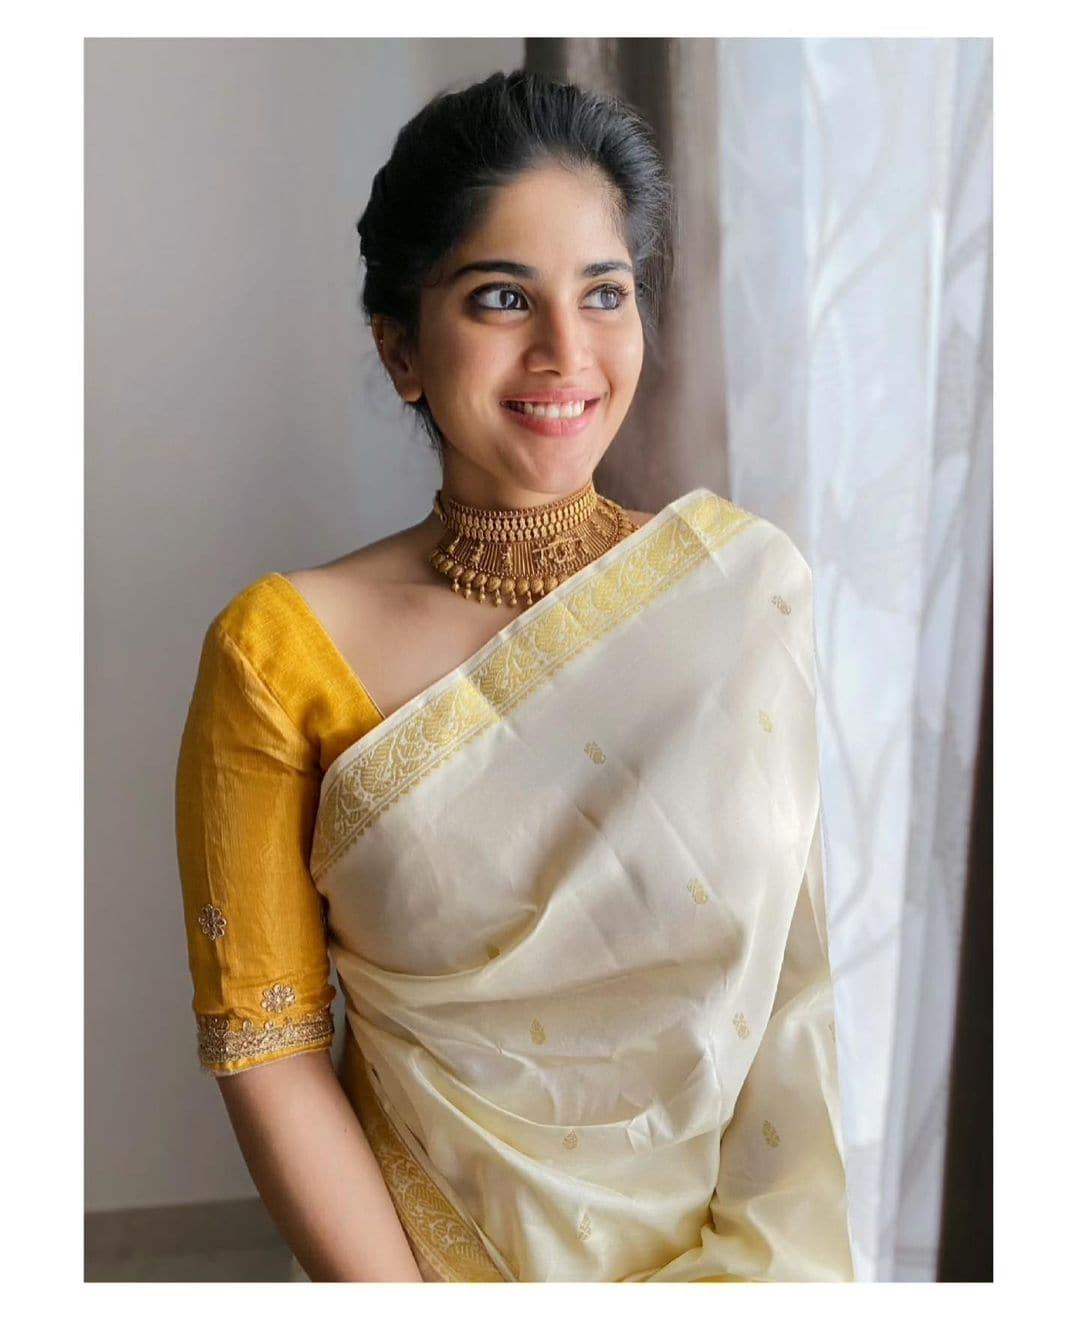 அதையடுத்து தனுஷ் உடன் இணைந்து இவர் நடித்த ' என்னை நோக்கி பாயும் தோட்டா' திரைப்படம் மாபெரும் வெற்றிப் பெற்றது.